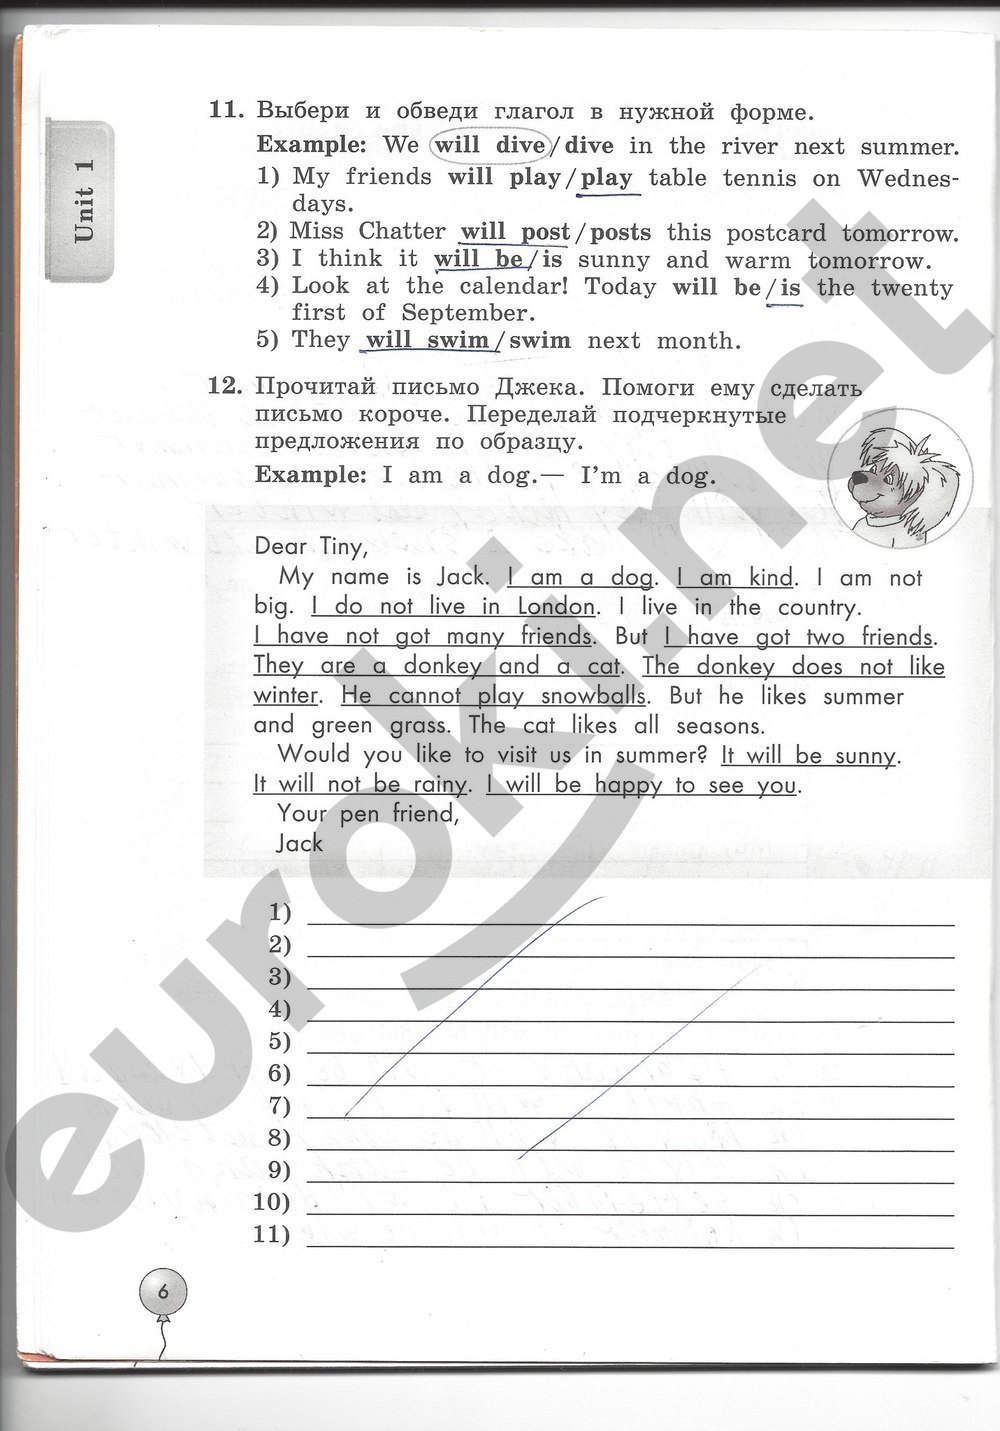 класс английскому денисенко трубанёва по 4 языку биболетова решебник